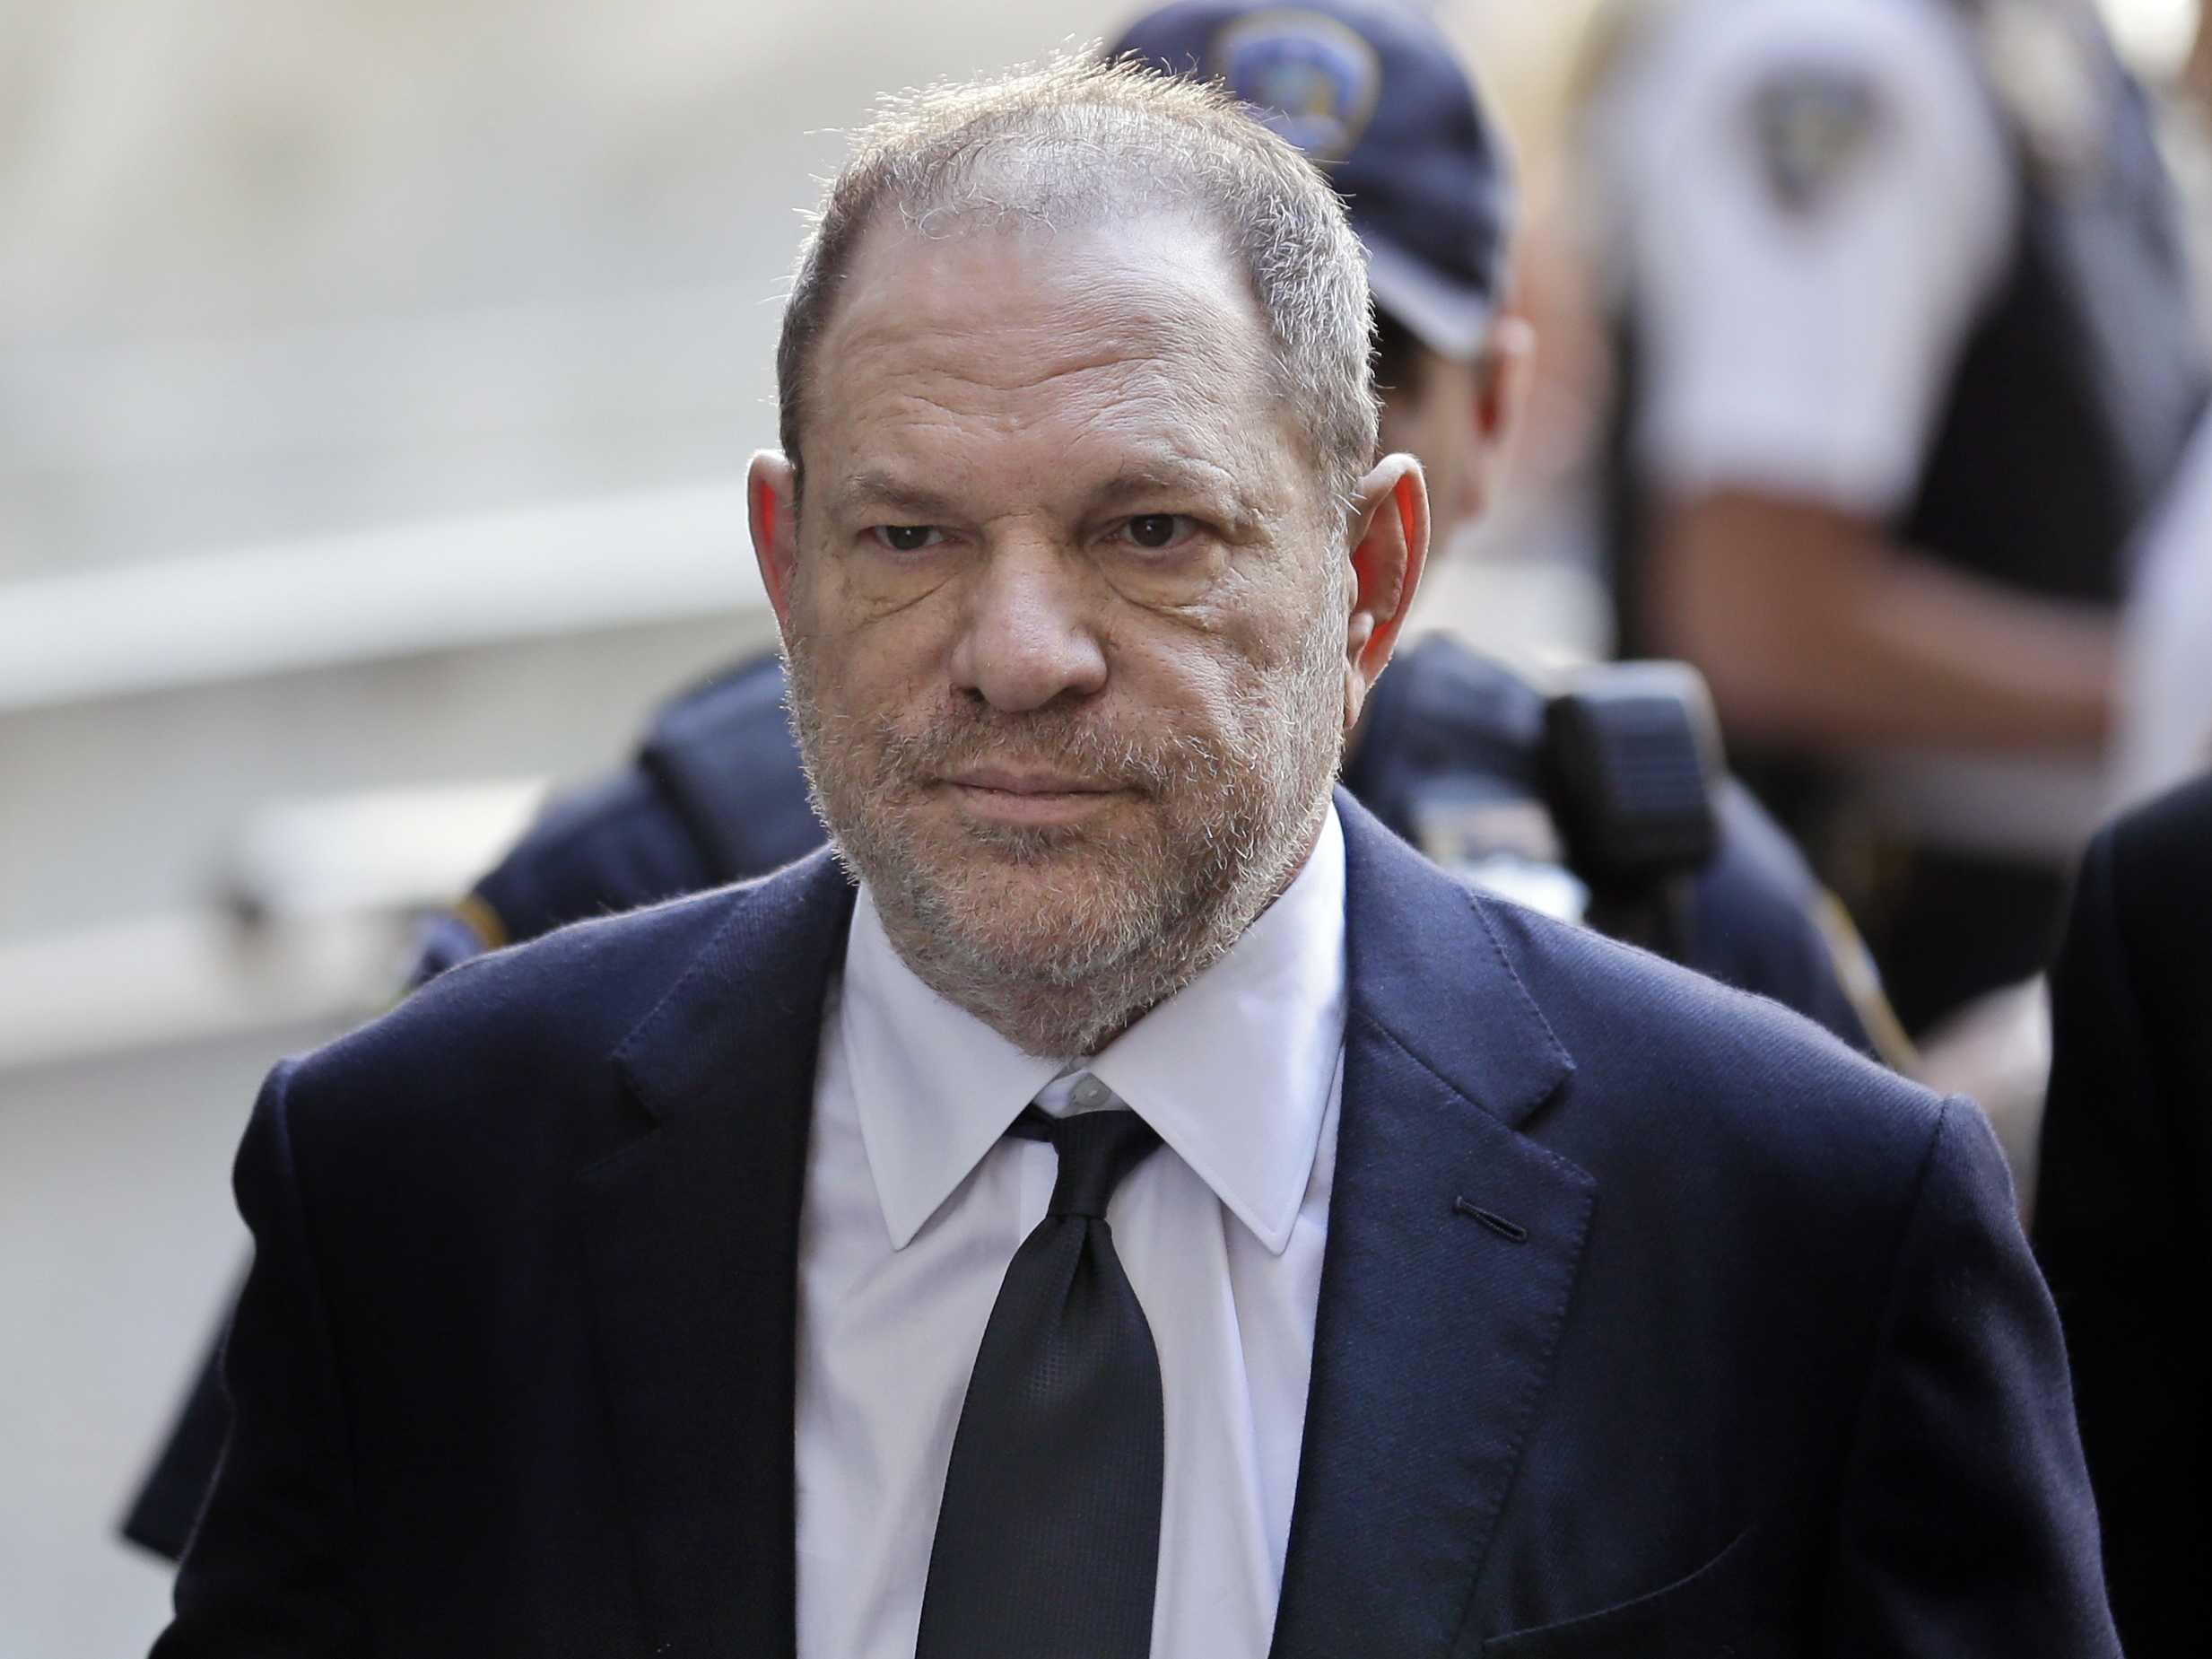 Weinstein in Court as Judge Mulls Future of Sex Assault Case